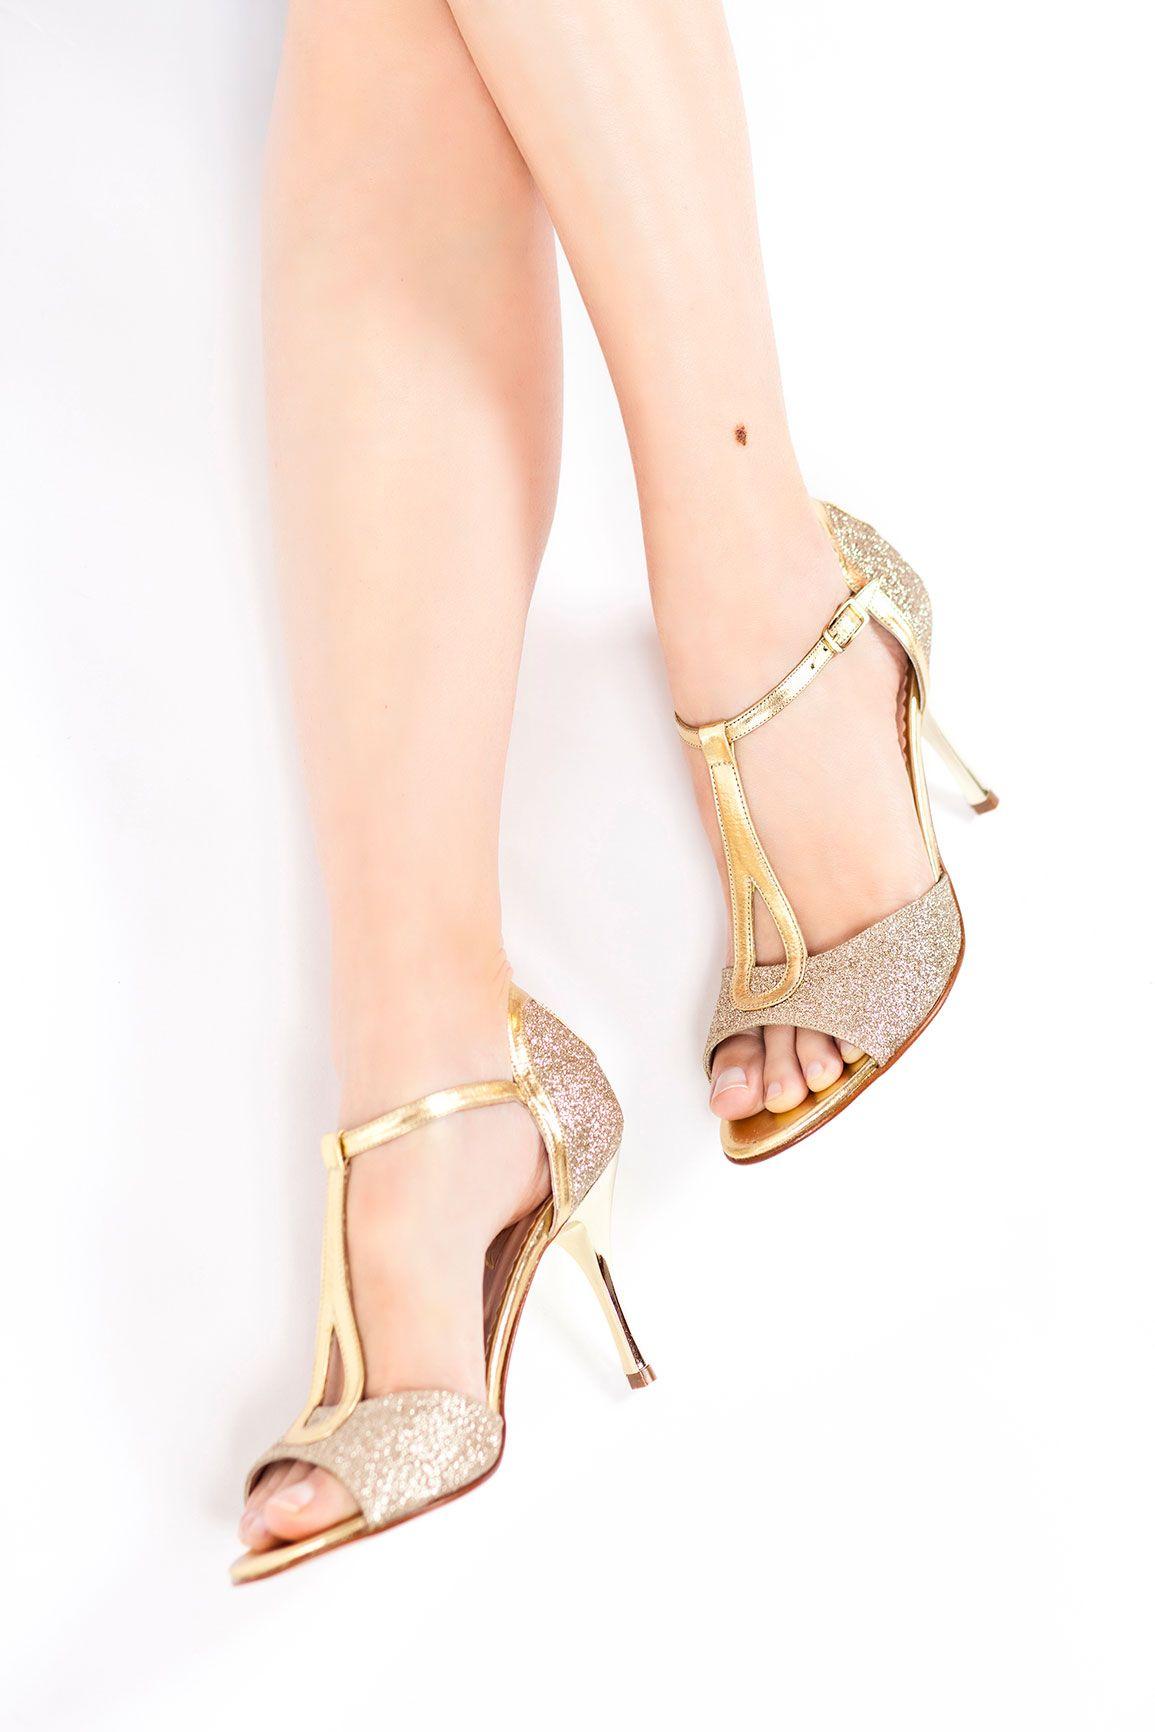 ca1d0095 Lunatango | Zapatos de Tango Zapatos Para Bailar Salsa, Zapatos Baile  Latino, Vestido De